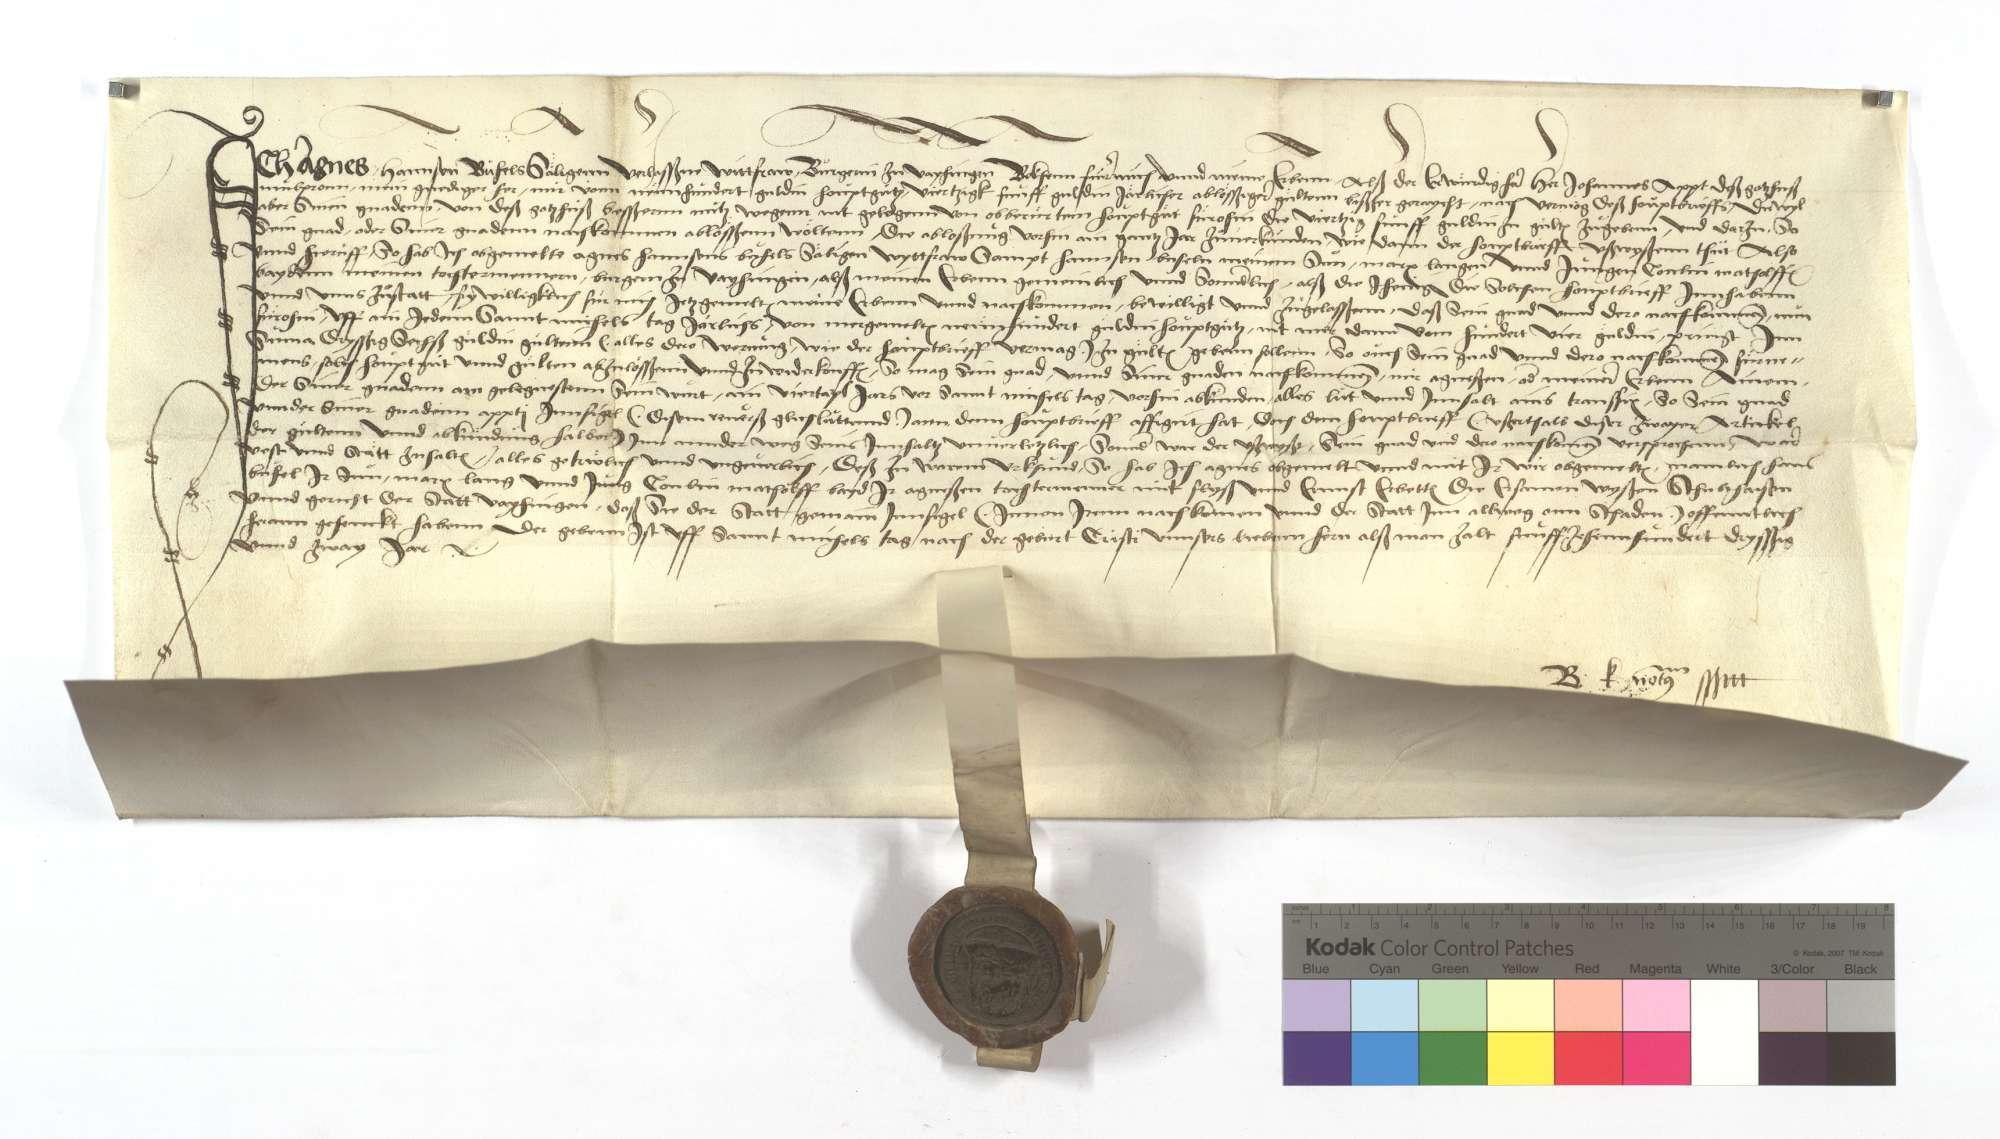 Verschreibung von Agnes, Hans Bühels Witwe, in der sie dem Kloster Maulbronn an den ihr aus einem Hauptgut von 900 Gulden schuldigen Zinsen von 75 Gulden jährlich 9 Gulden nachgelassen hat., Text